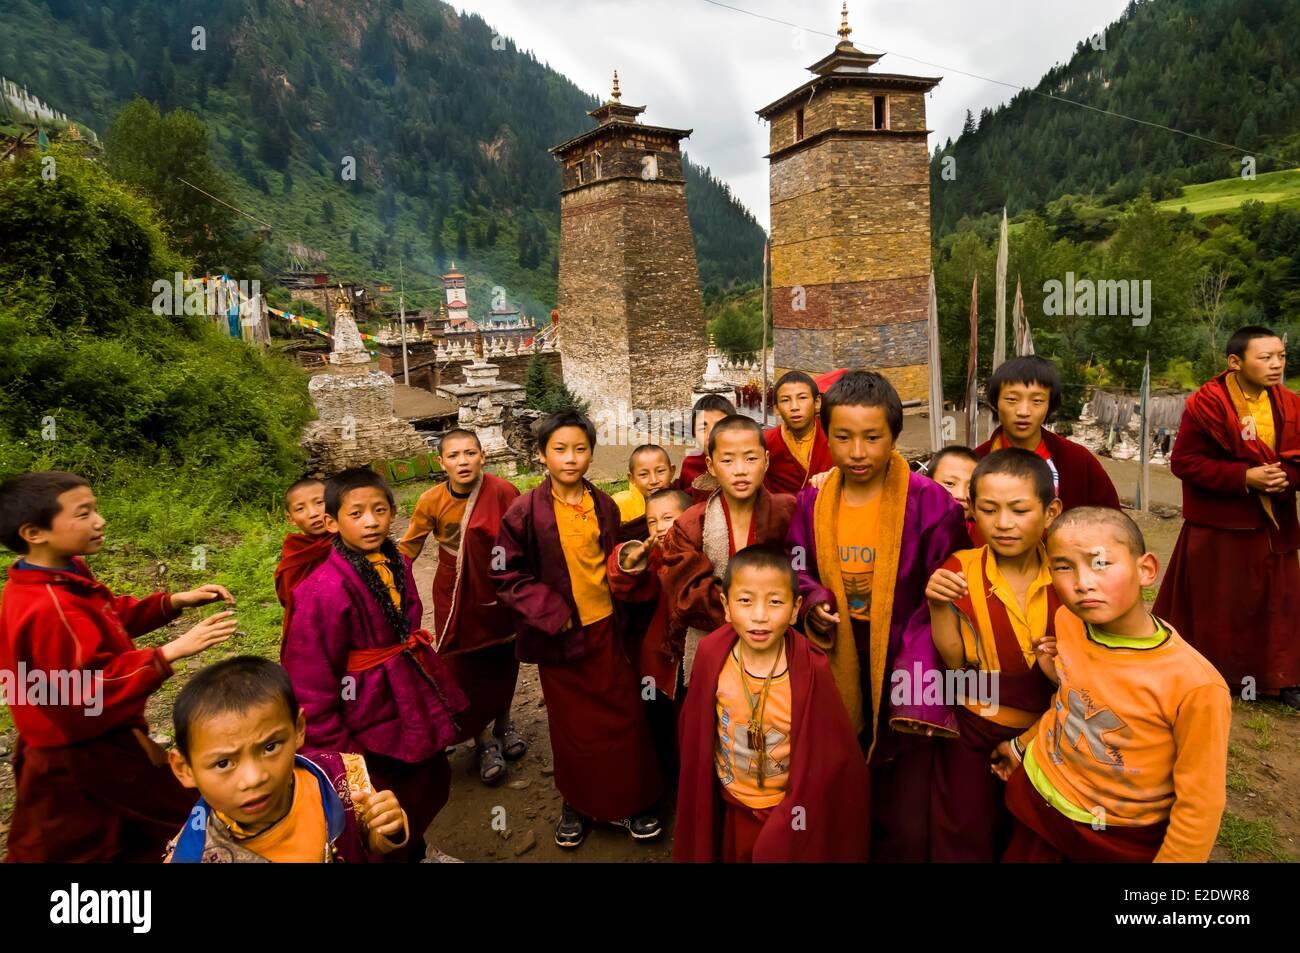 China Tibet Kham Sangkar Gyarong Gorges novices in front of Milarepa Towers - Stock Image